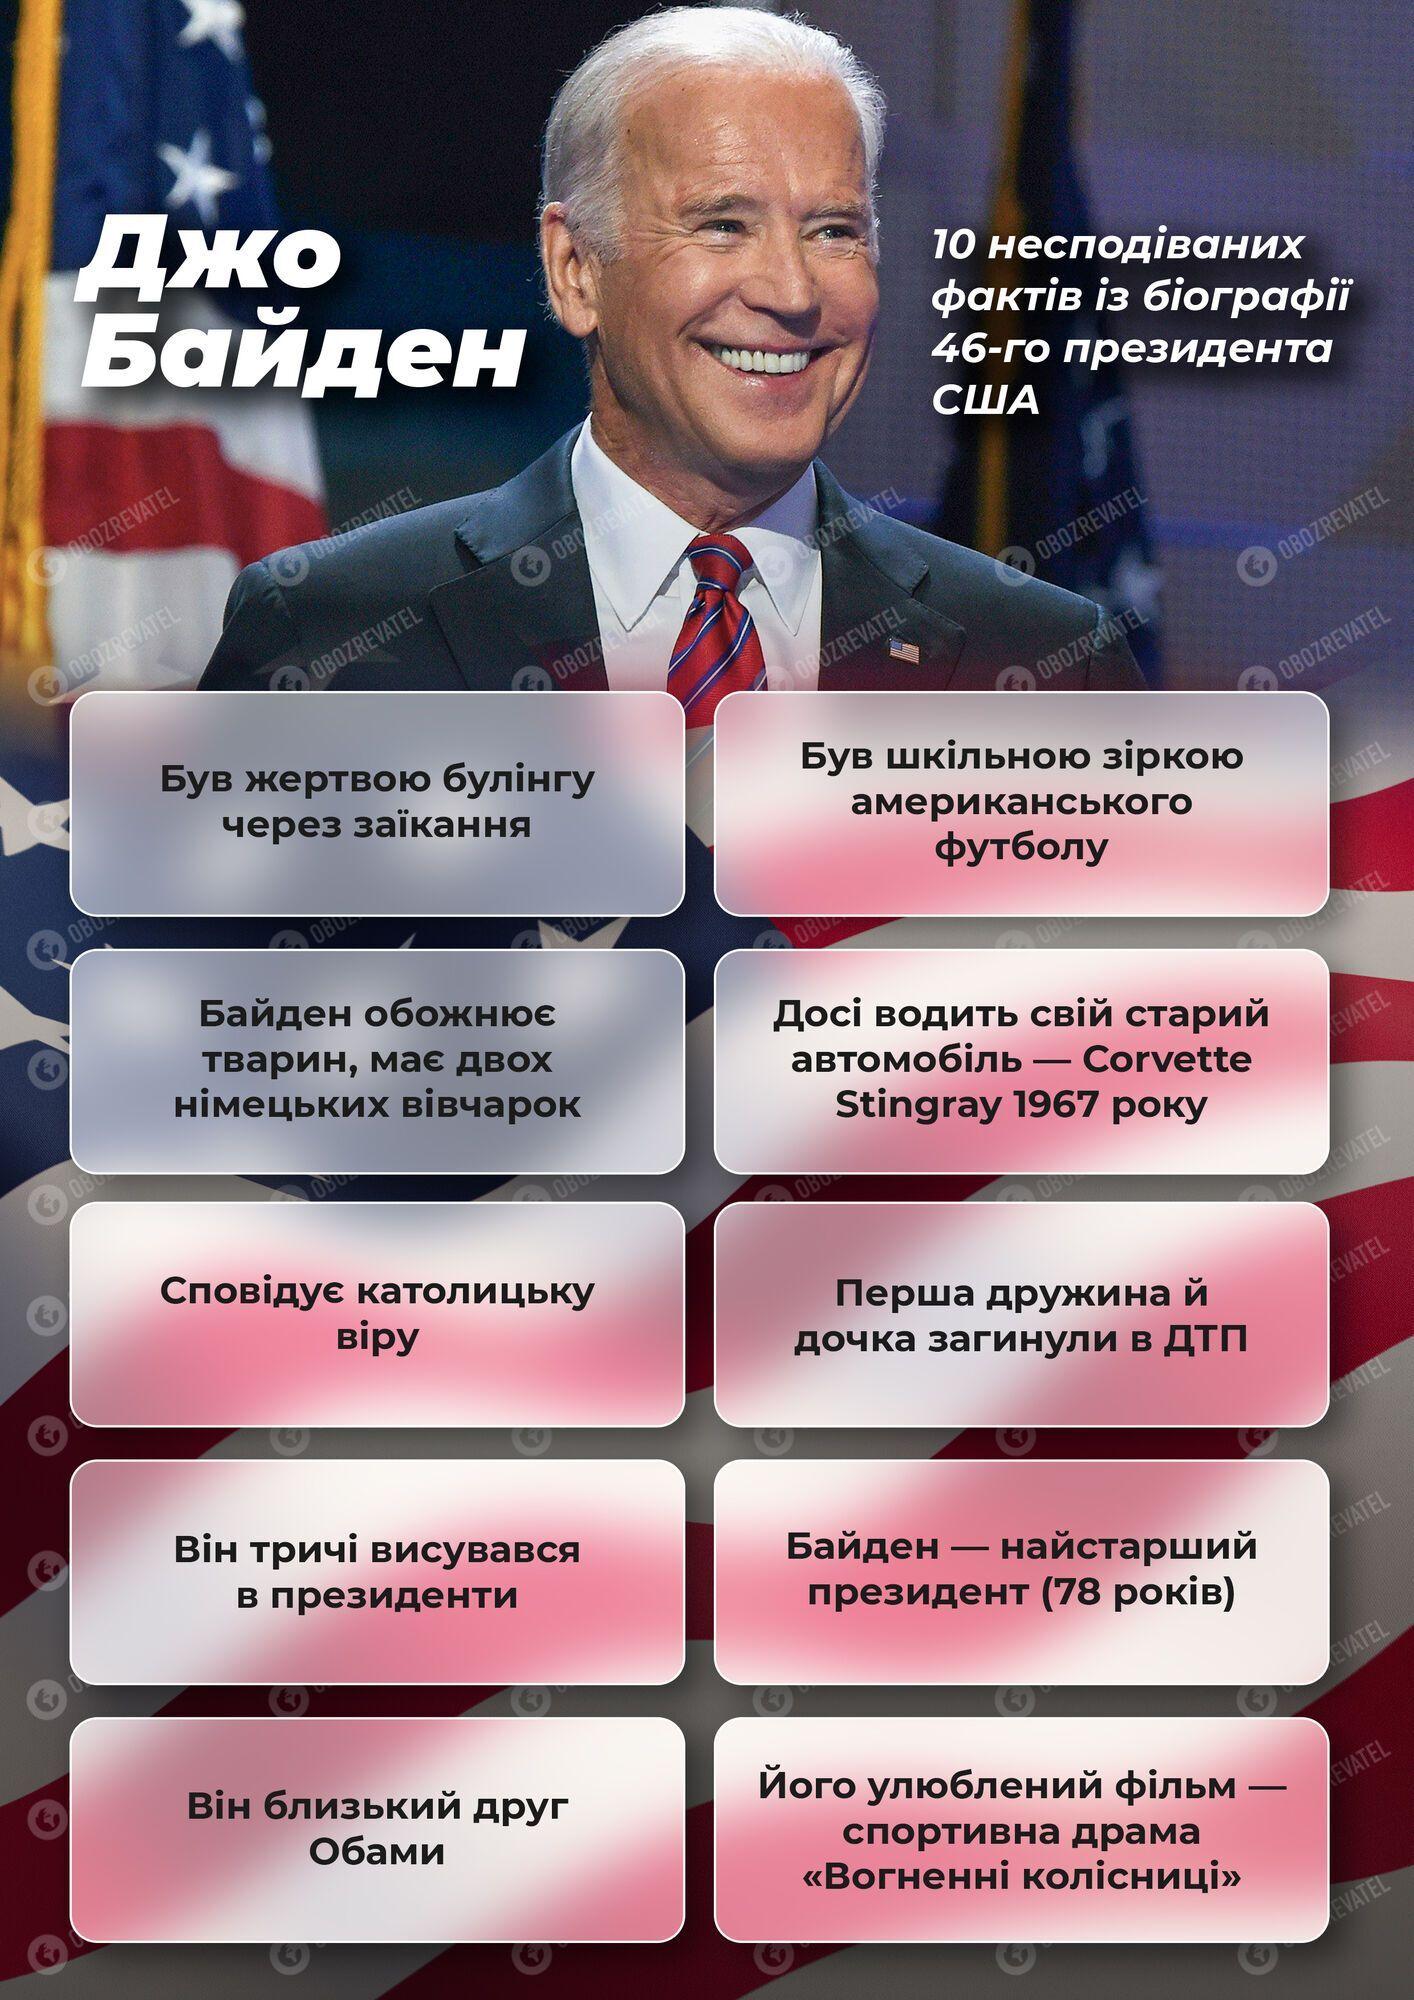 Байден не буде мстити Україні, але вона для нього токсична, – експерт